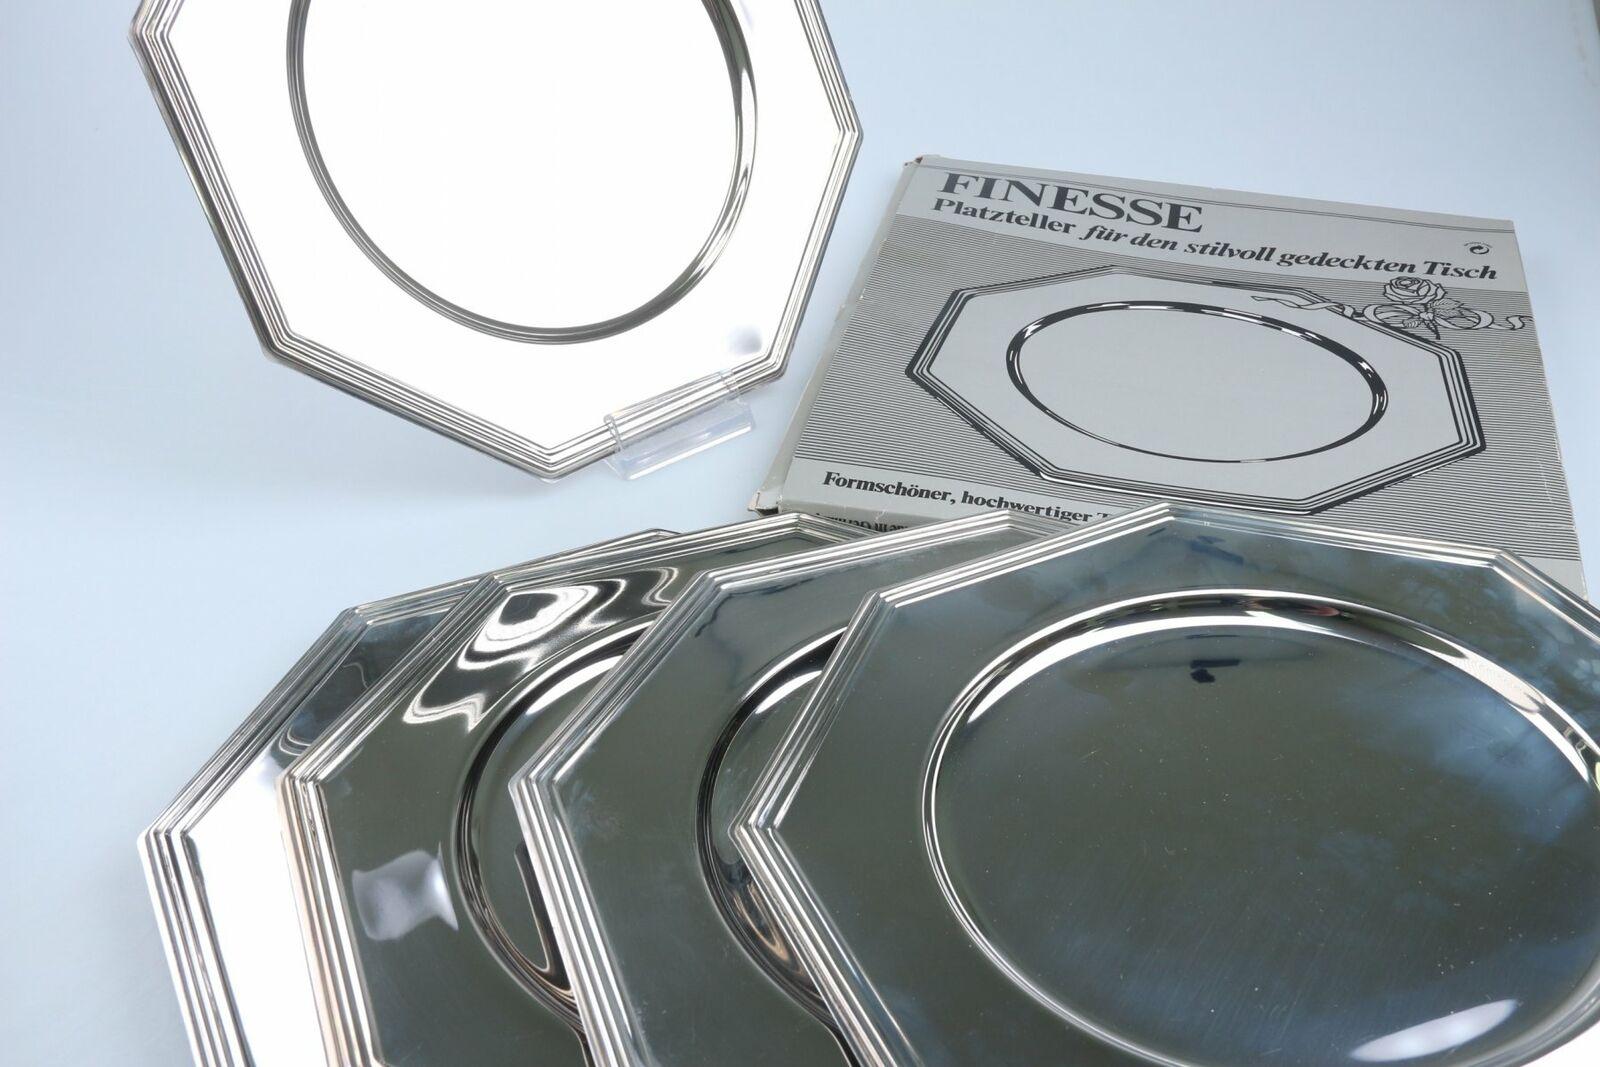 5x Platzteller in OVP FINESSE  Unbekannte Hersteller